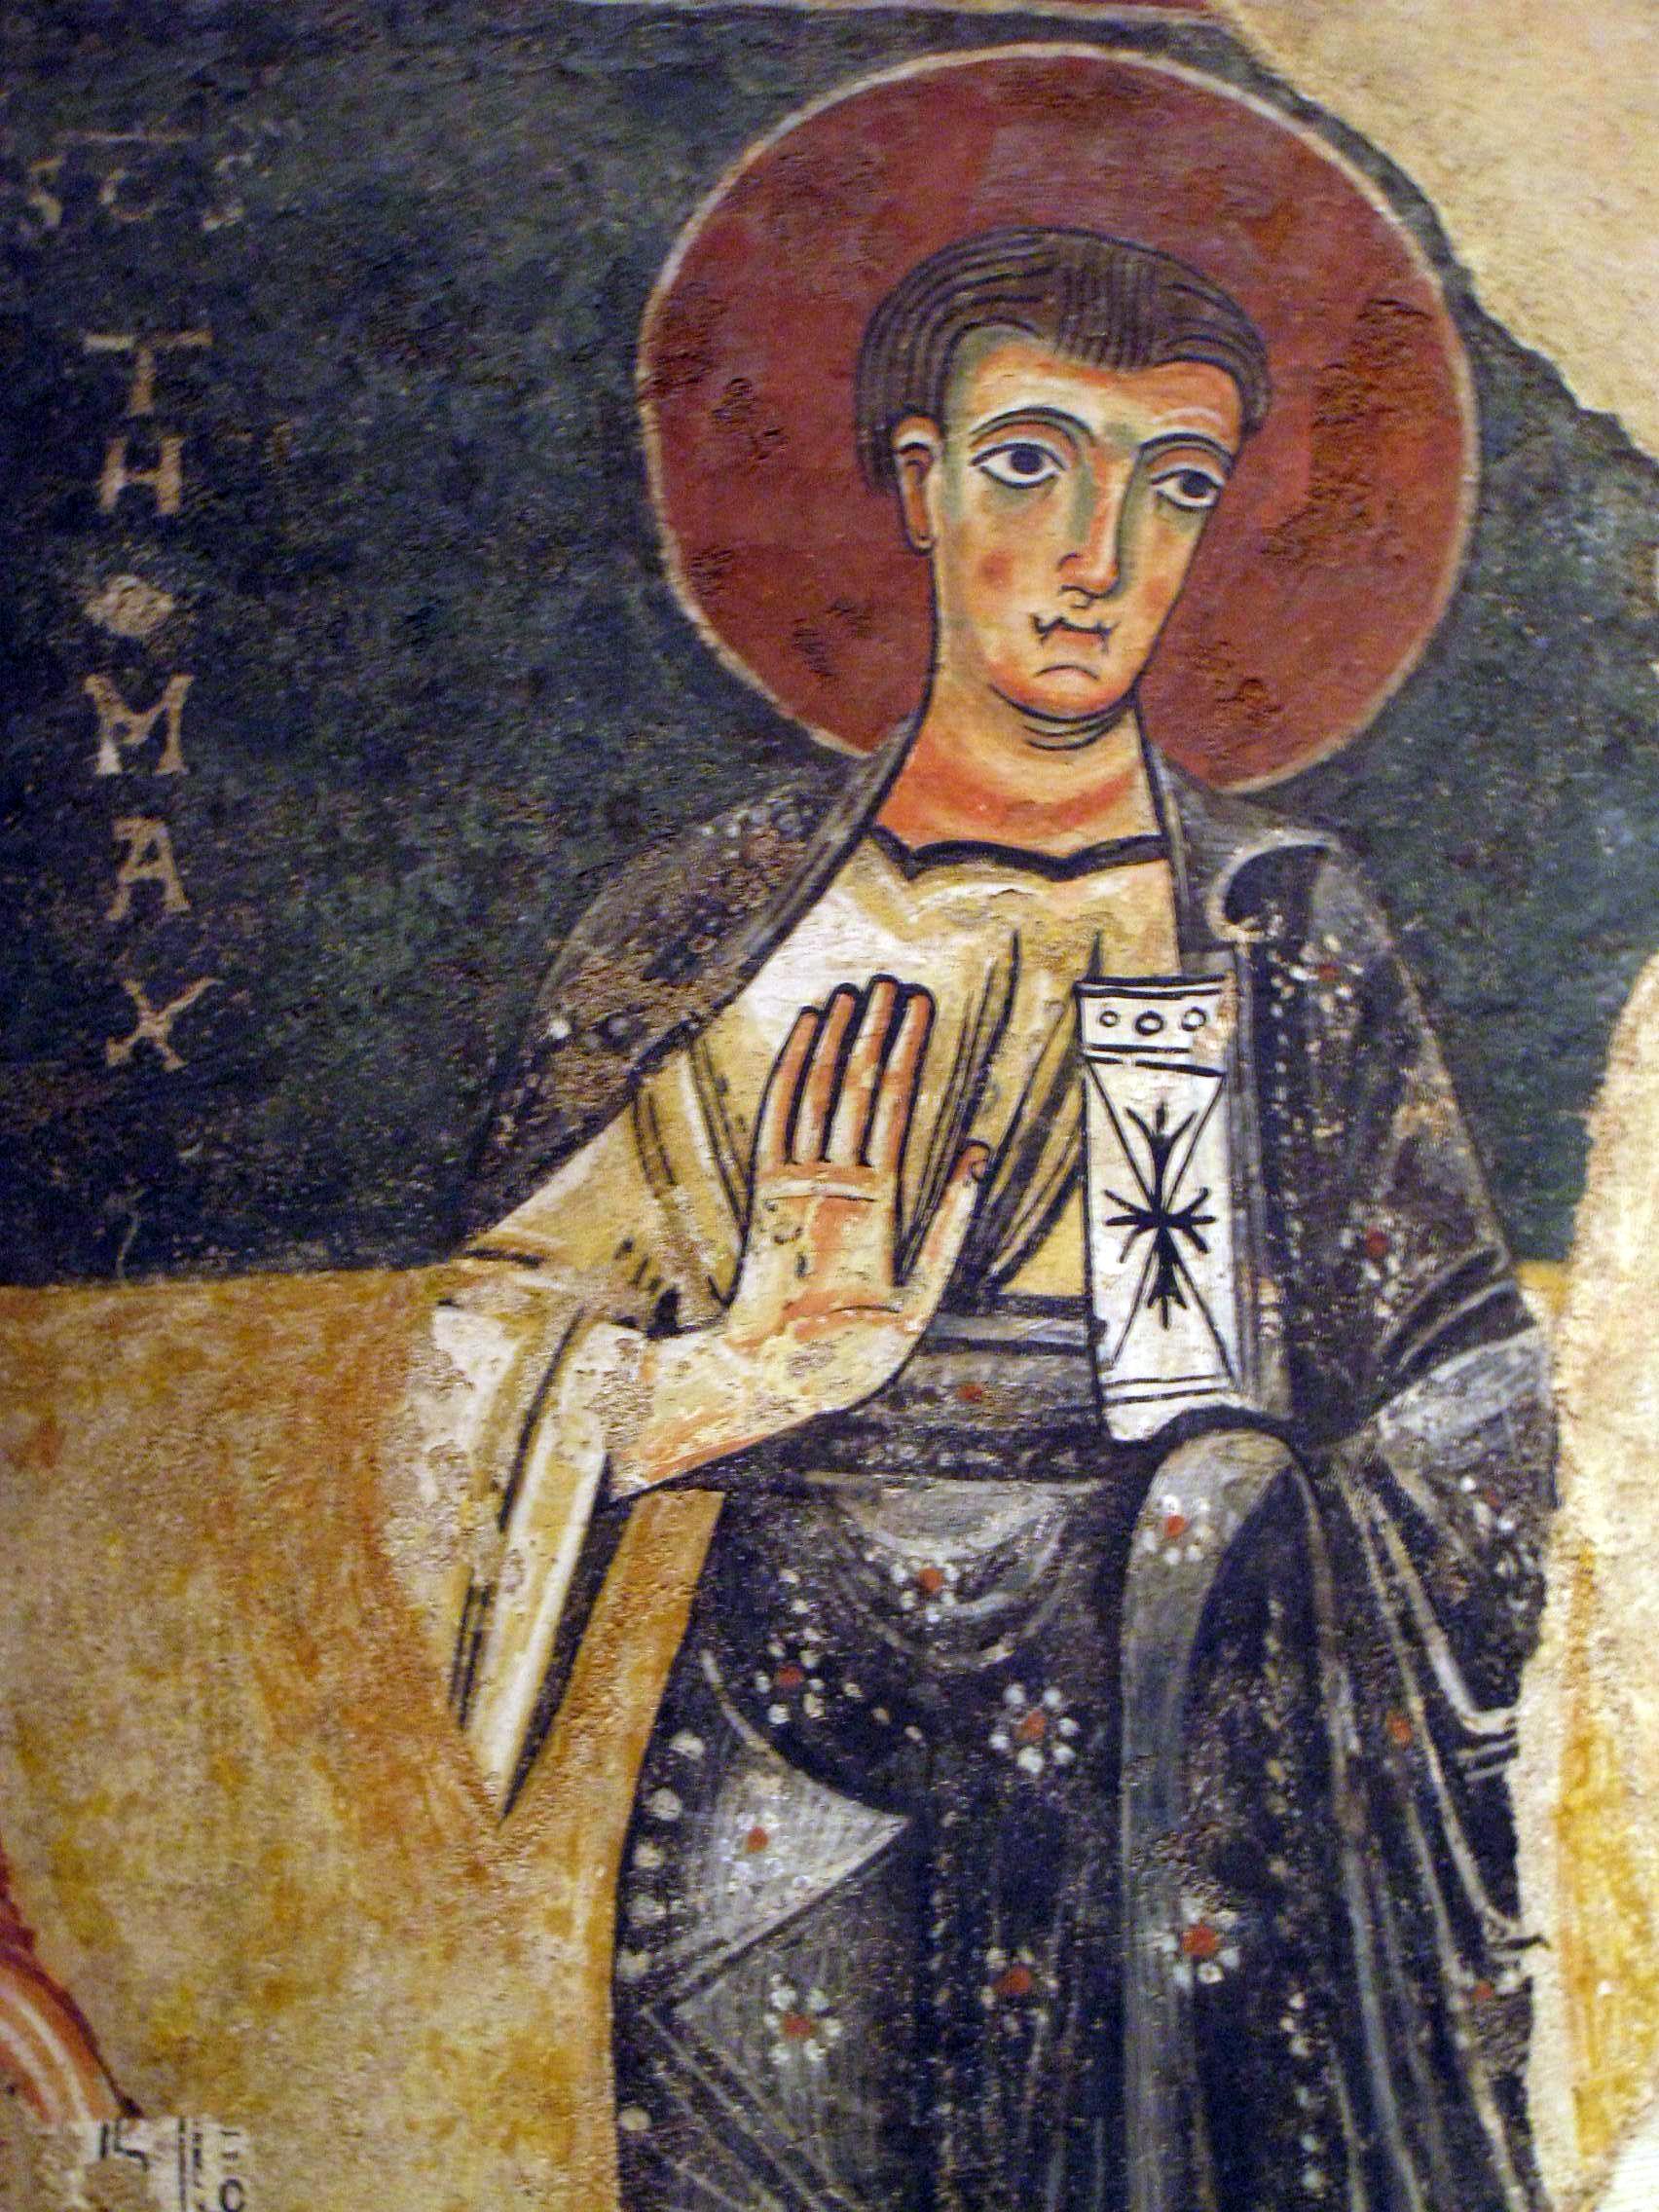 021 Apòstols de Santa Maria d'Orcau, sant Tomàs.jpg